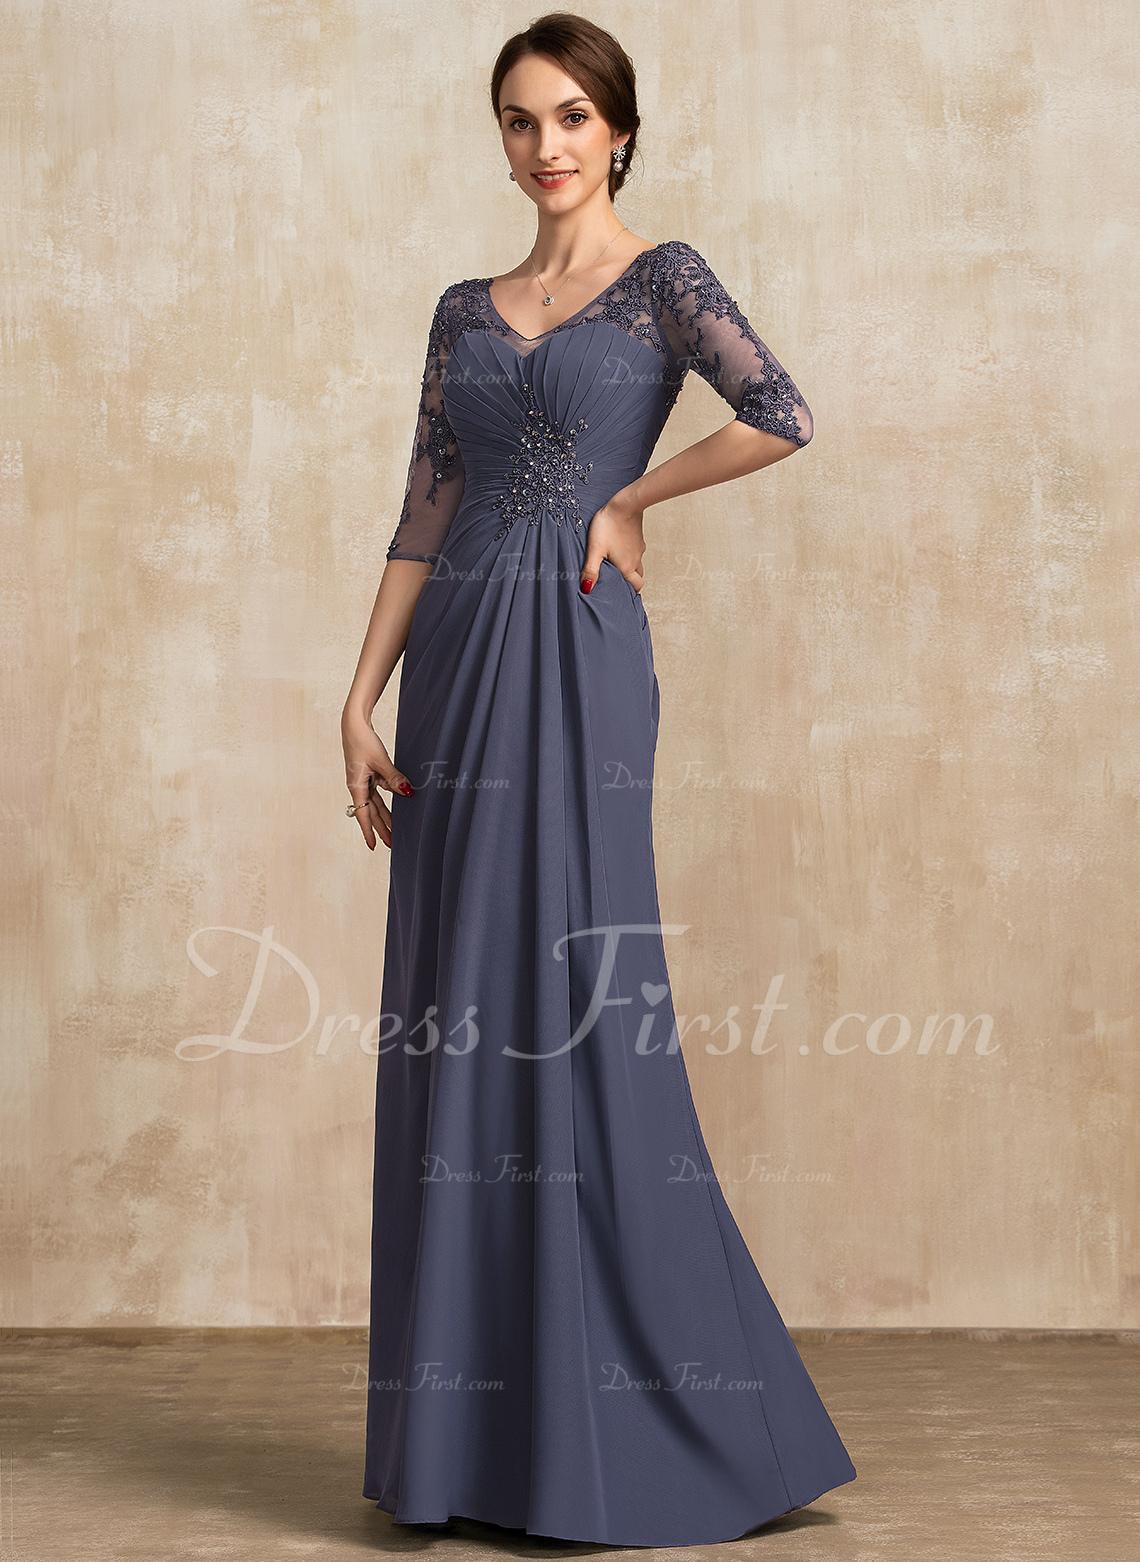 [€ 20.20] A-Linie V-Ausschnitt Bodenlang Chiffon Spitze Kleid für die  Brautmutter mit Rüschen Perlstickerei Pailletten - JJsHouse